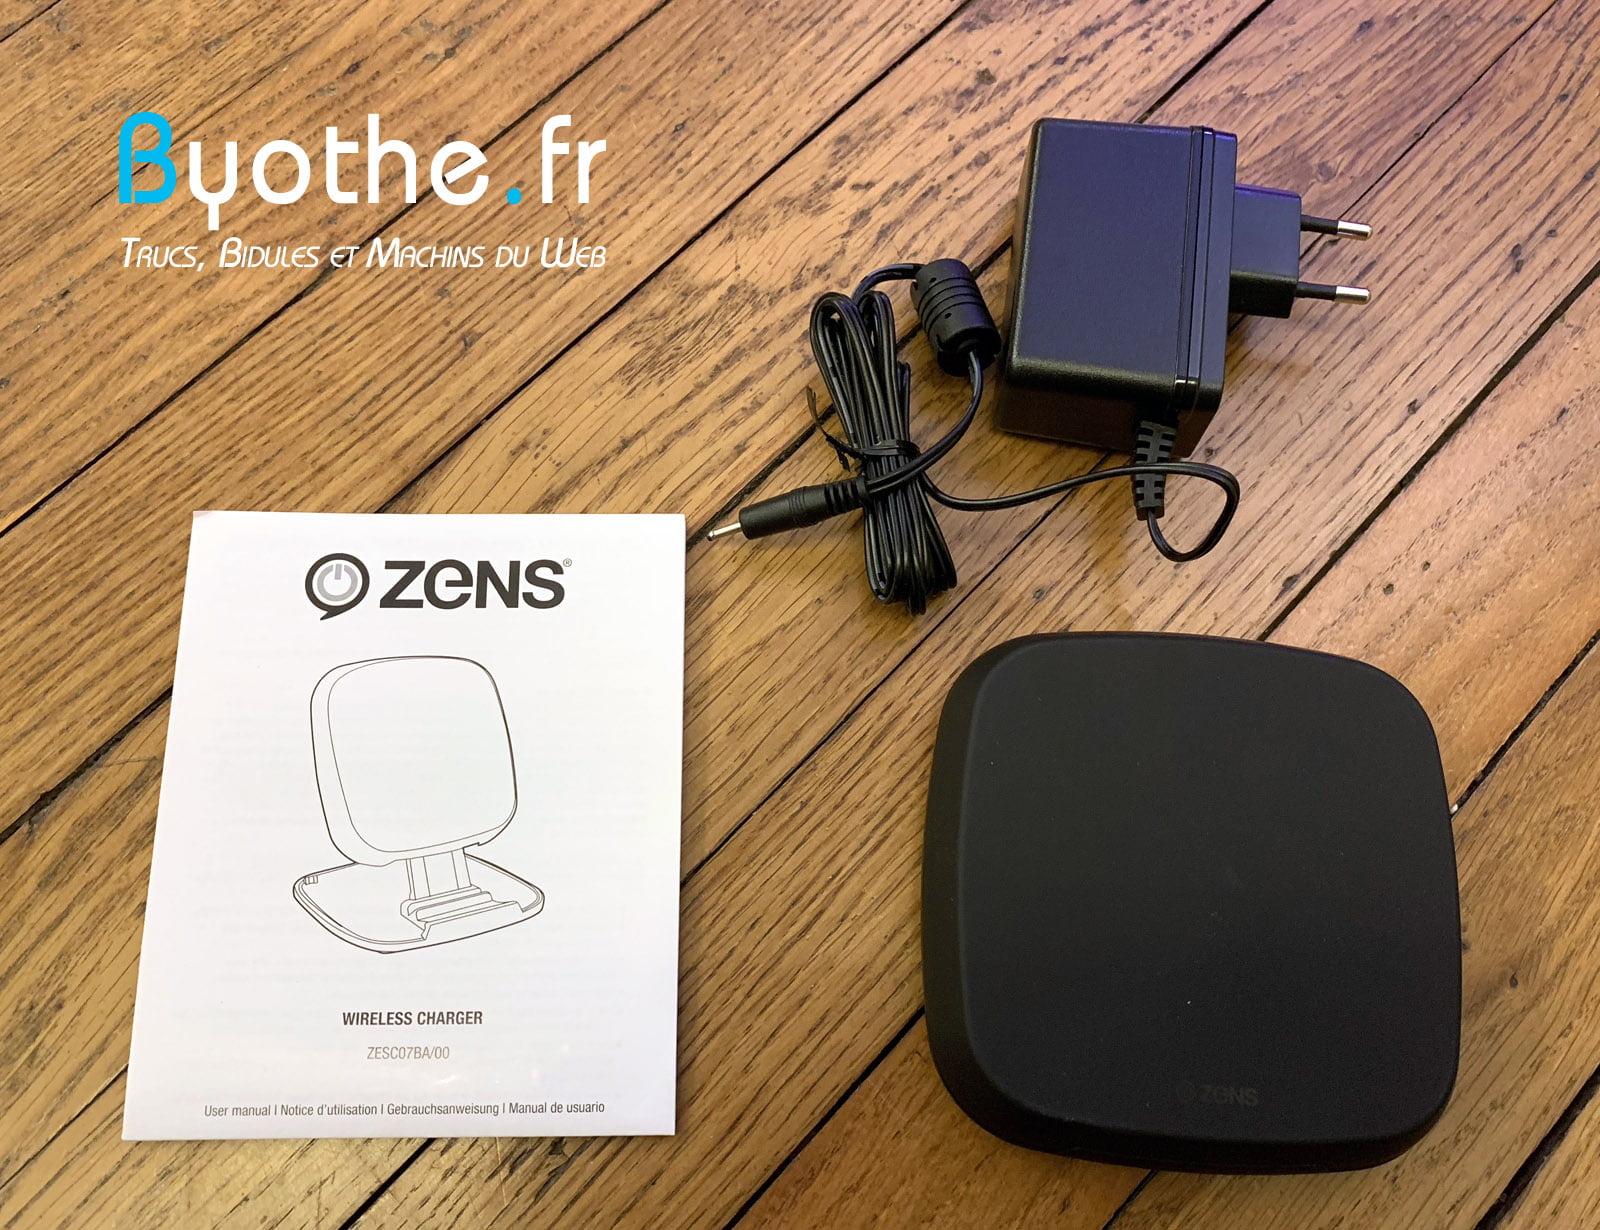 chargeur-zens-qi-9 Test : Chargeur induction sans fil Zens Qi 15W pour smartphone